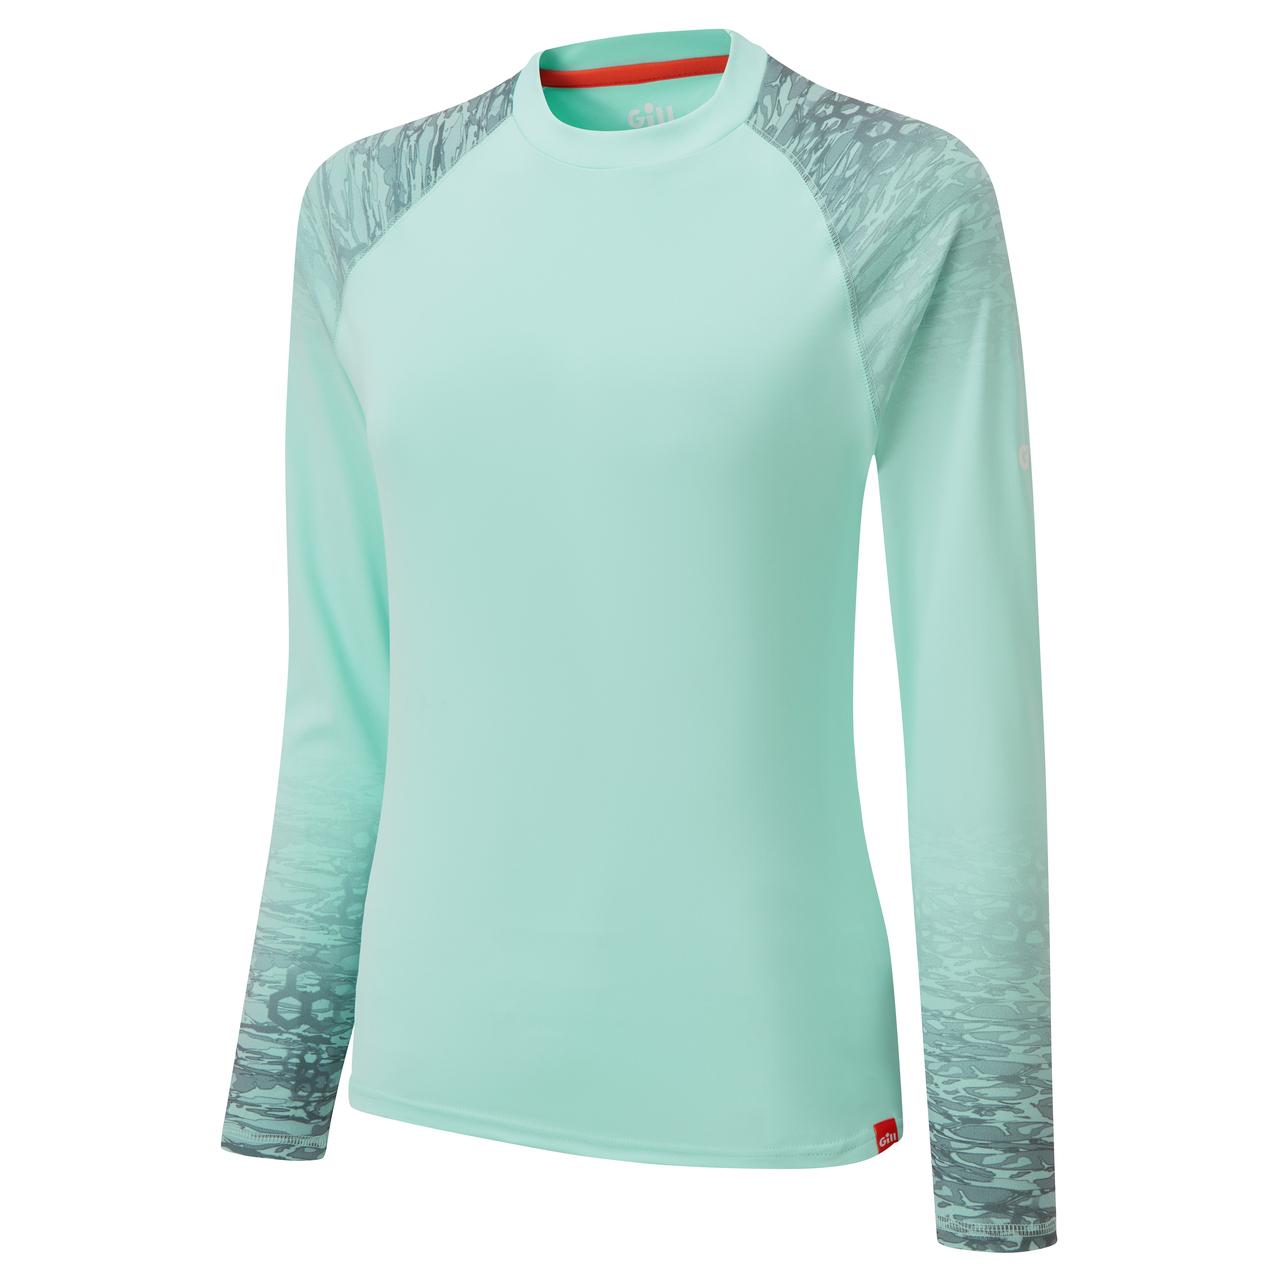 Women's UV Tec Tee - Long Sleeve - UV011W-MOR01-2.jpg